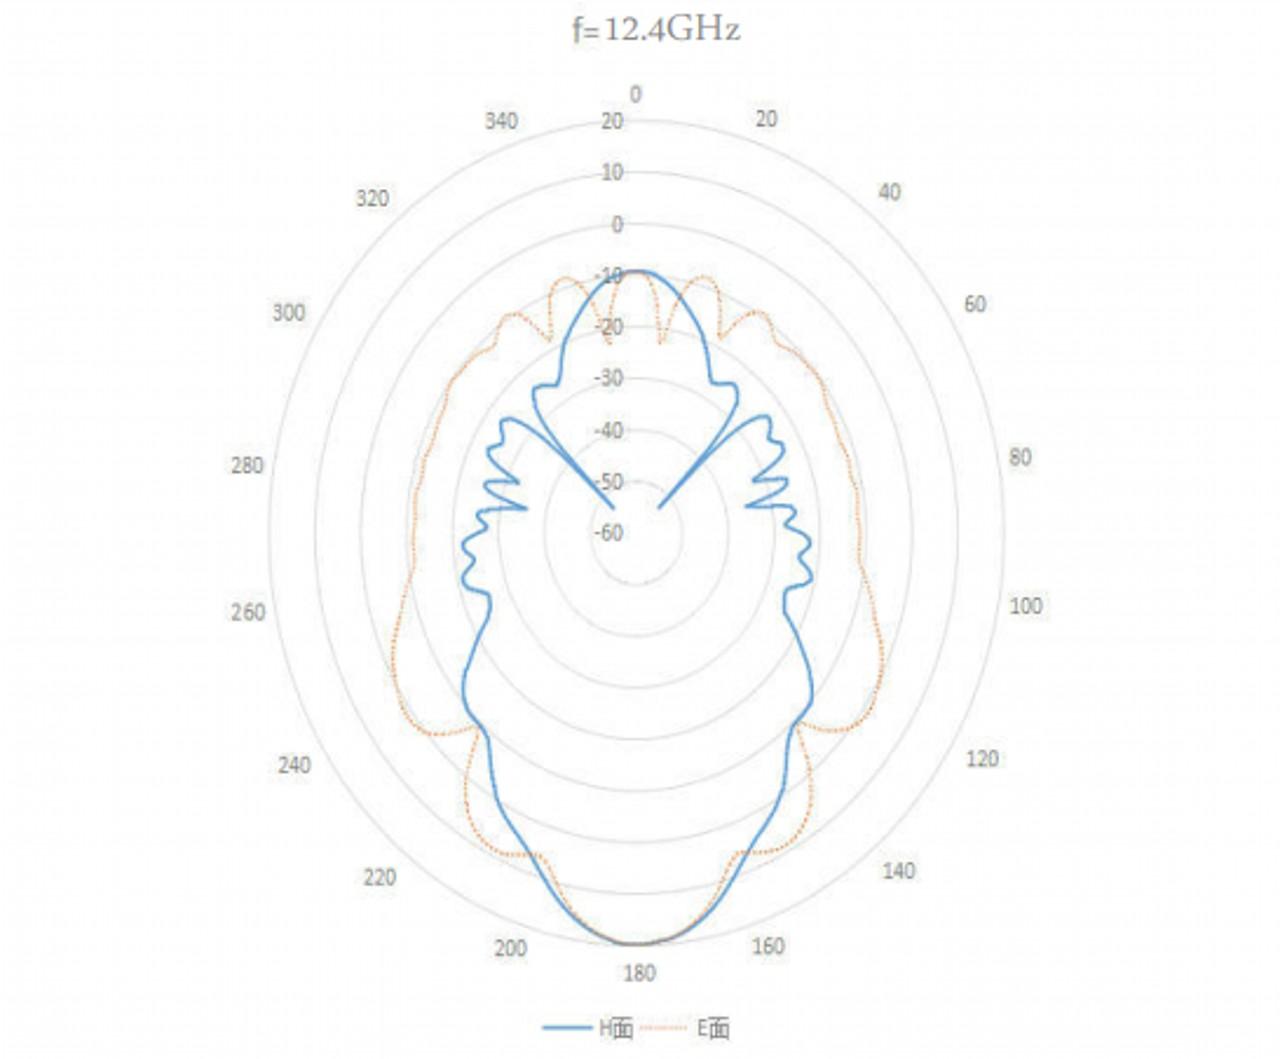 WR-90 Waveguide - 8.2GHz - 12.5GHz - Standard Gain Horn Antenna 2